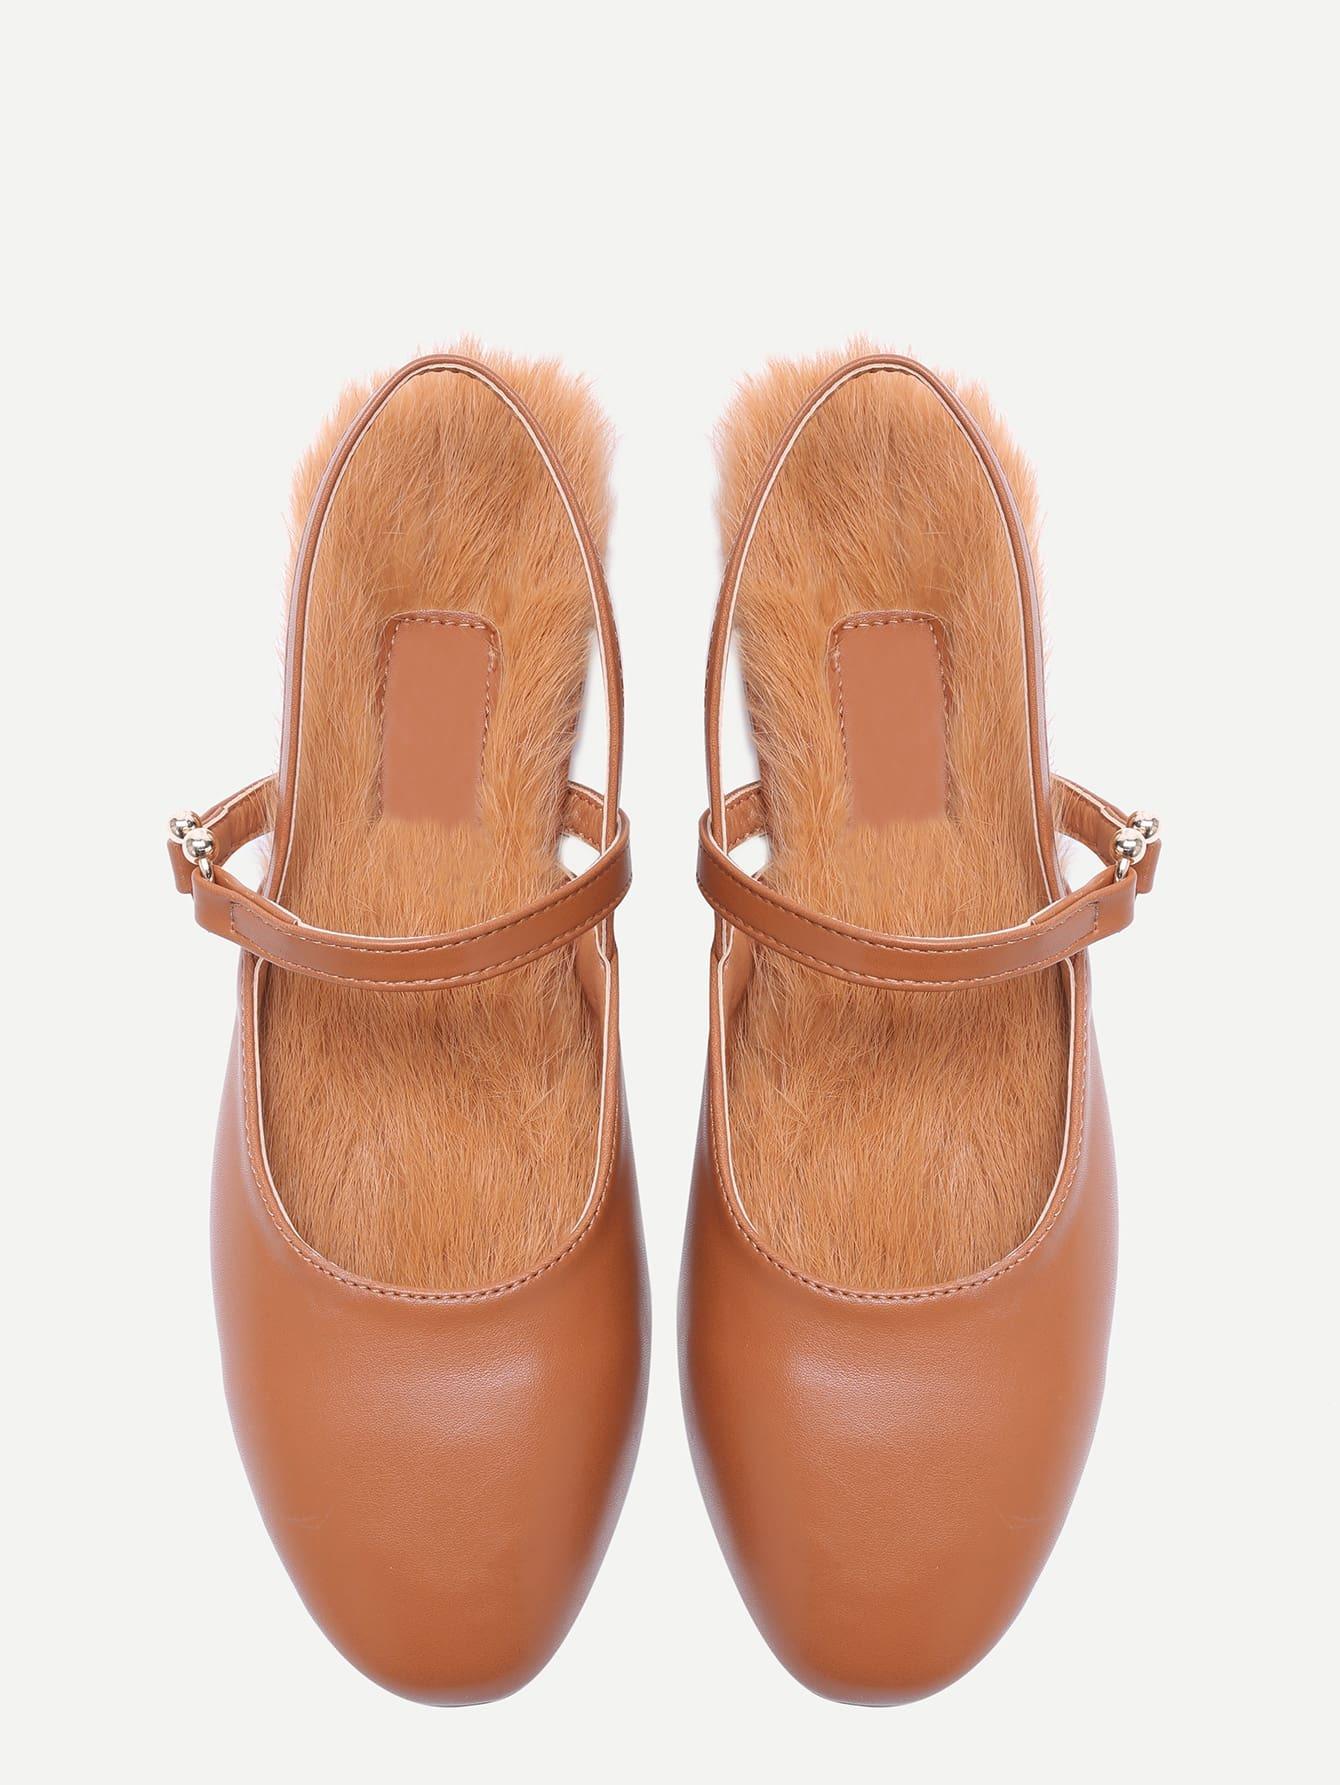 shoes161109805_2